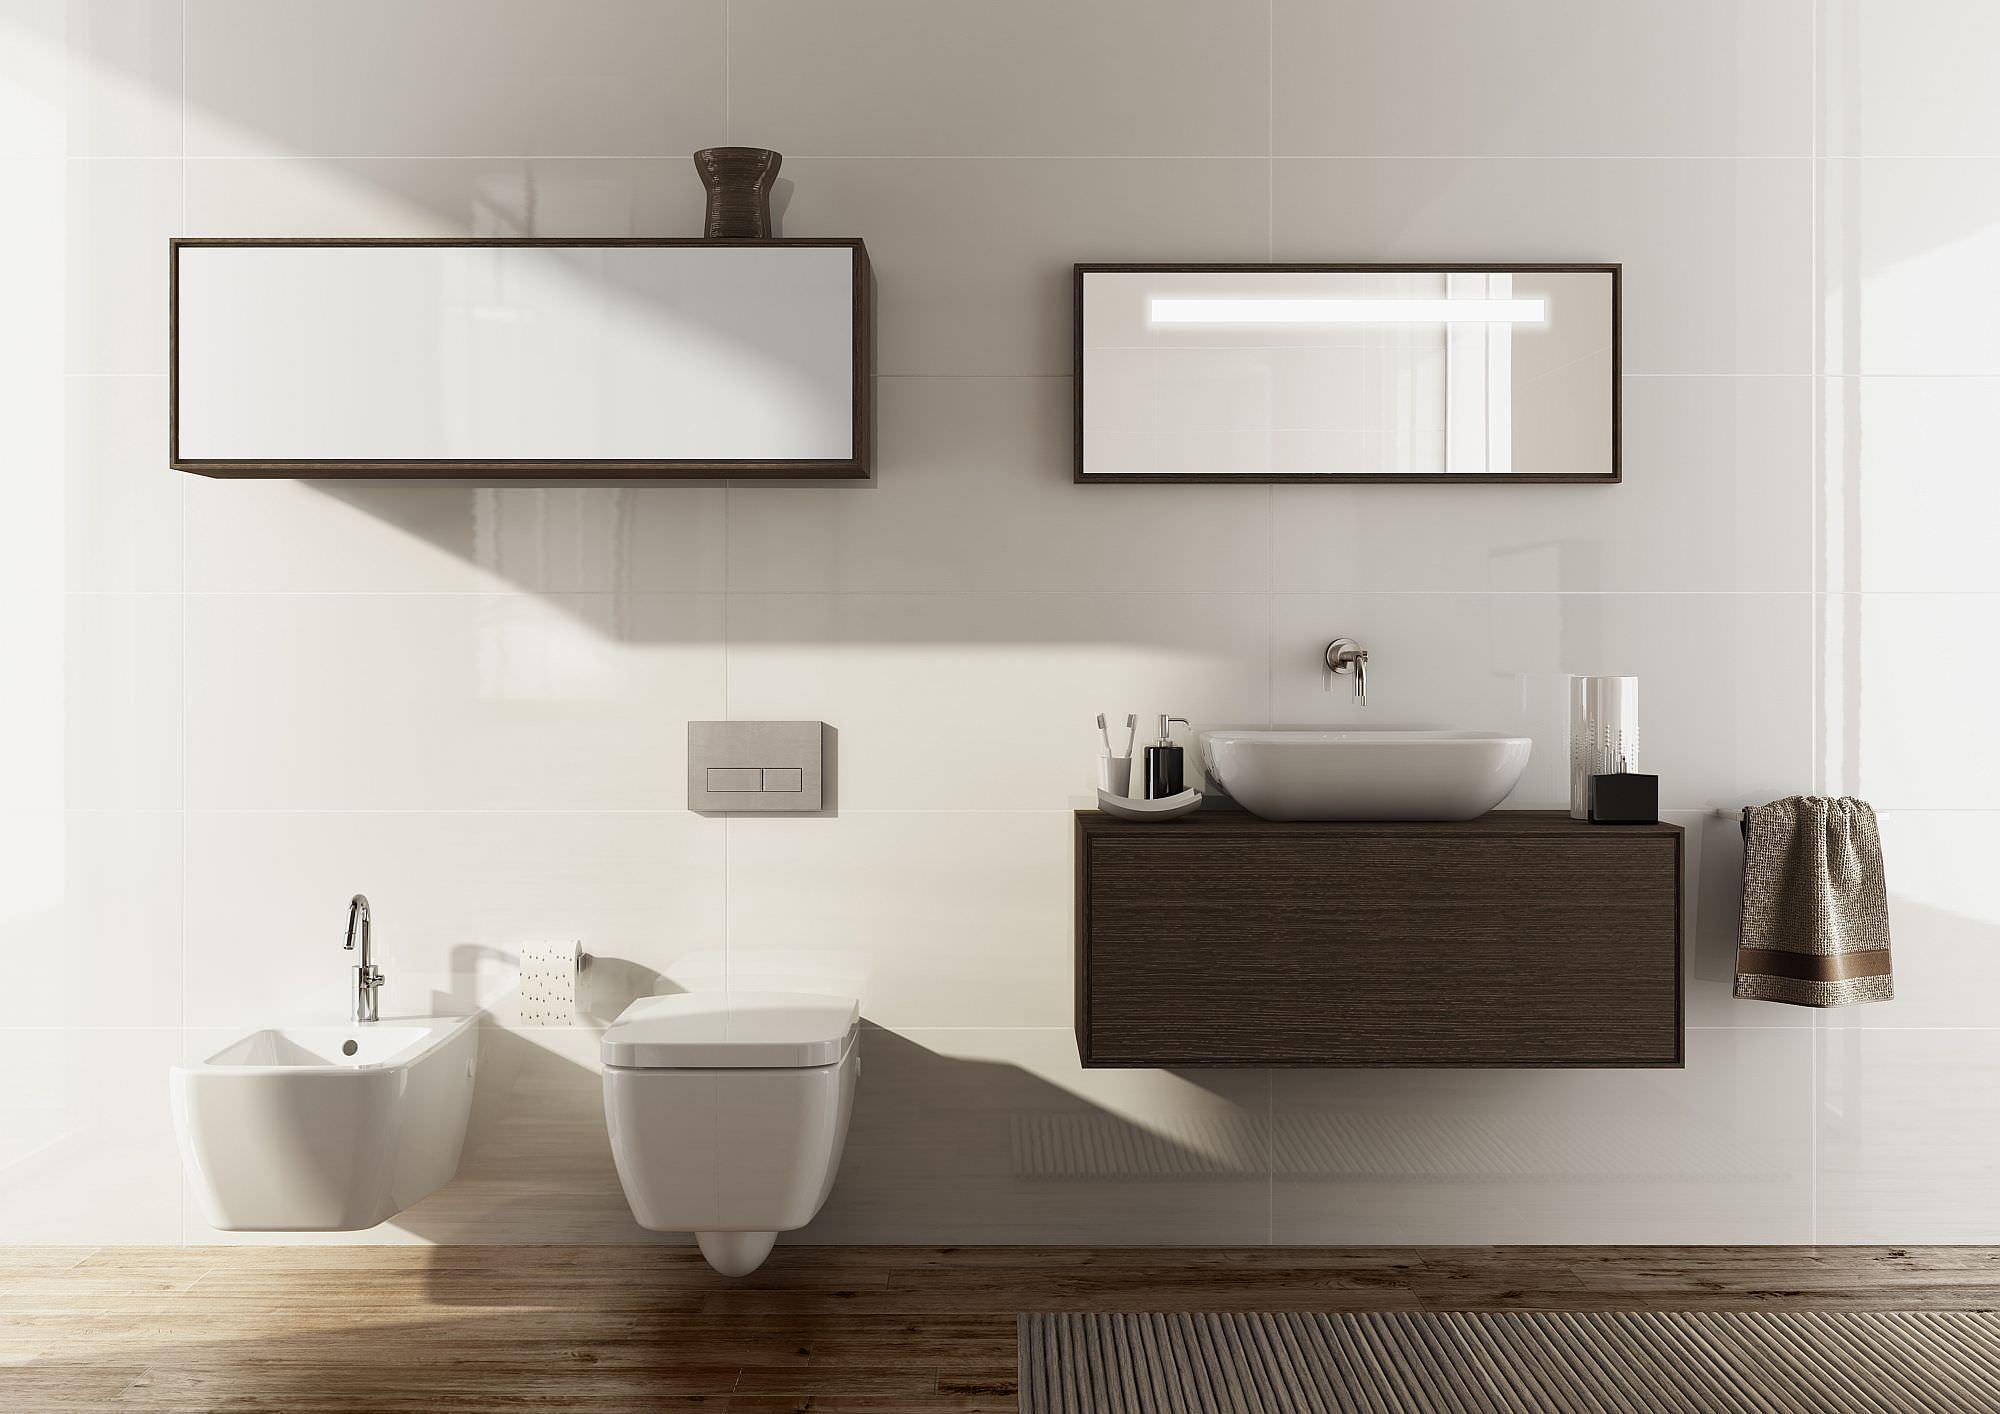 Mobili componibili per il bagno